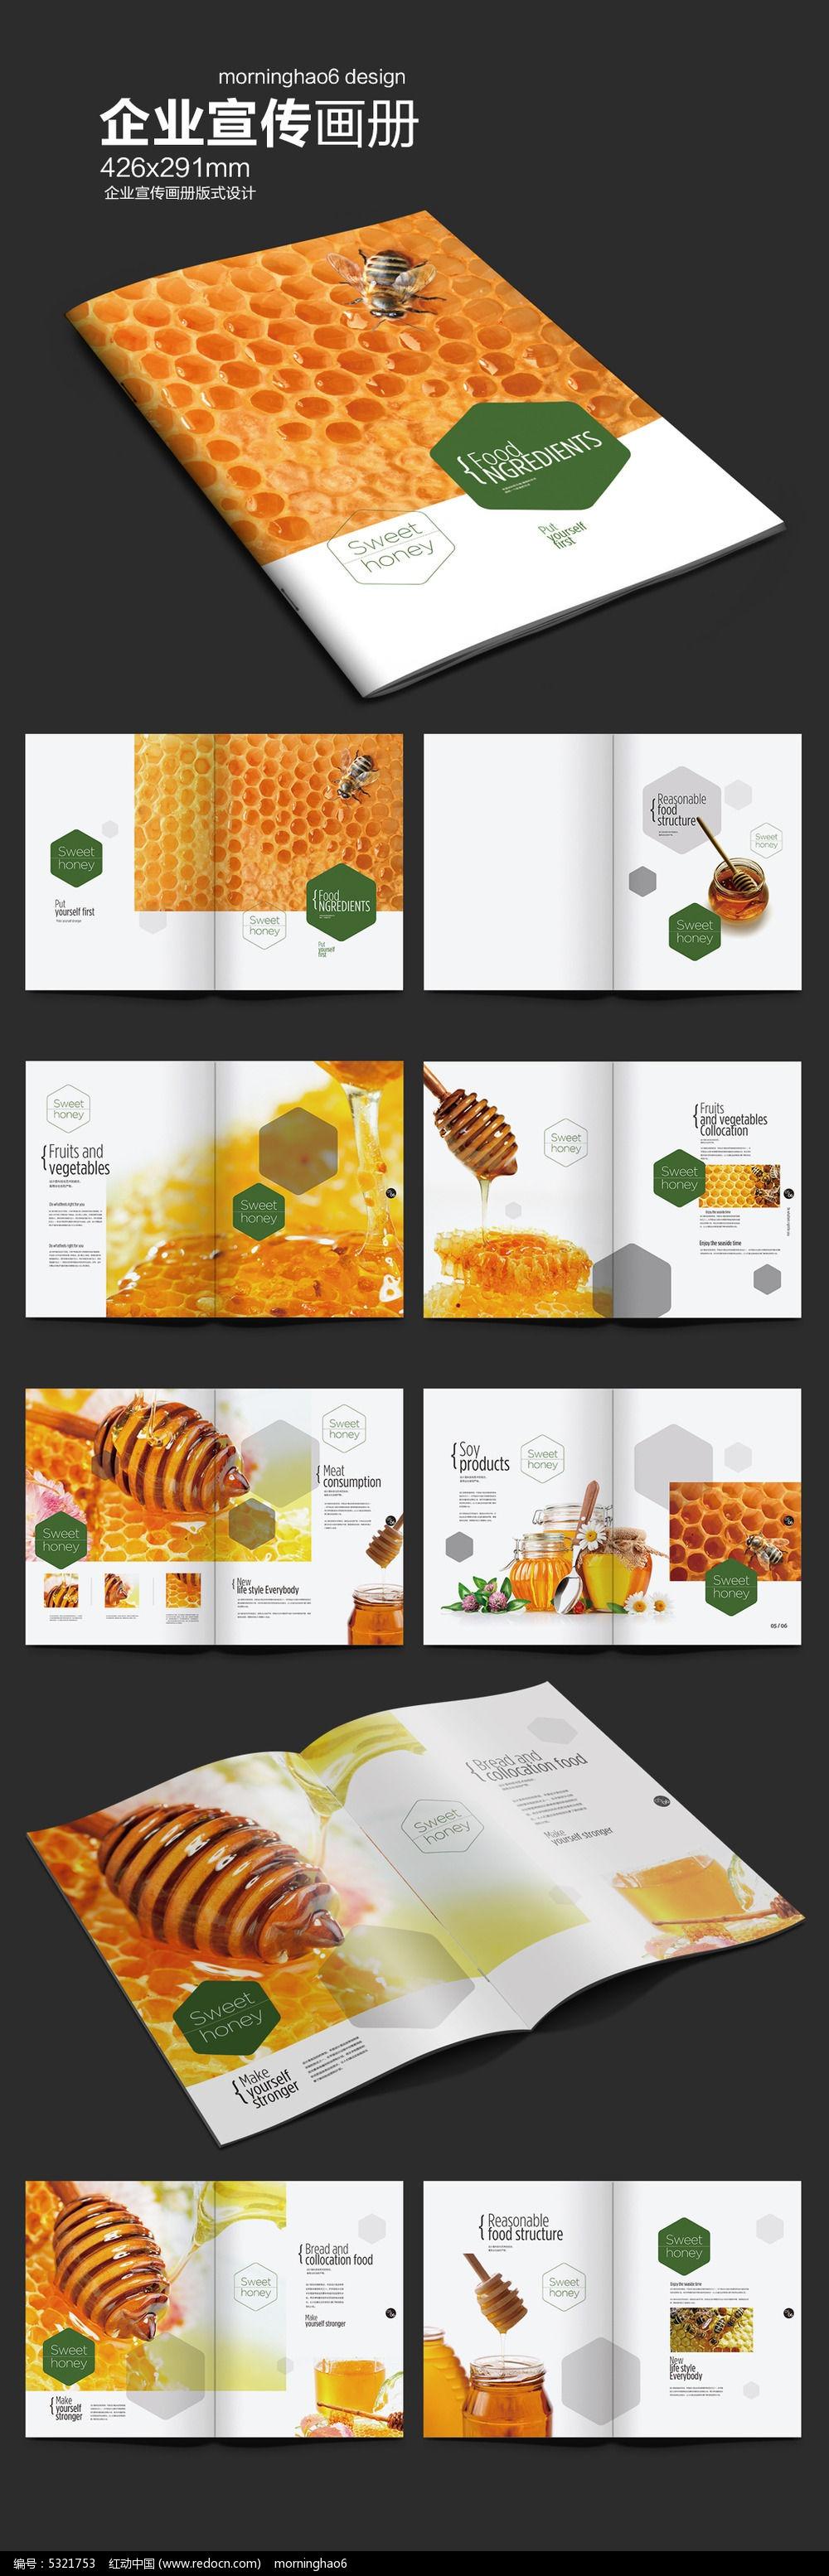 画册版式设计 农产品画册 农副产品画册 产品画册 画册模板 画册排版图片